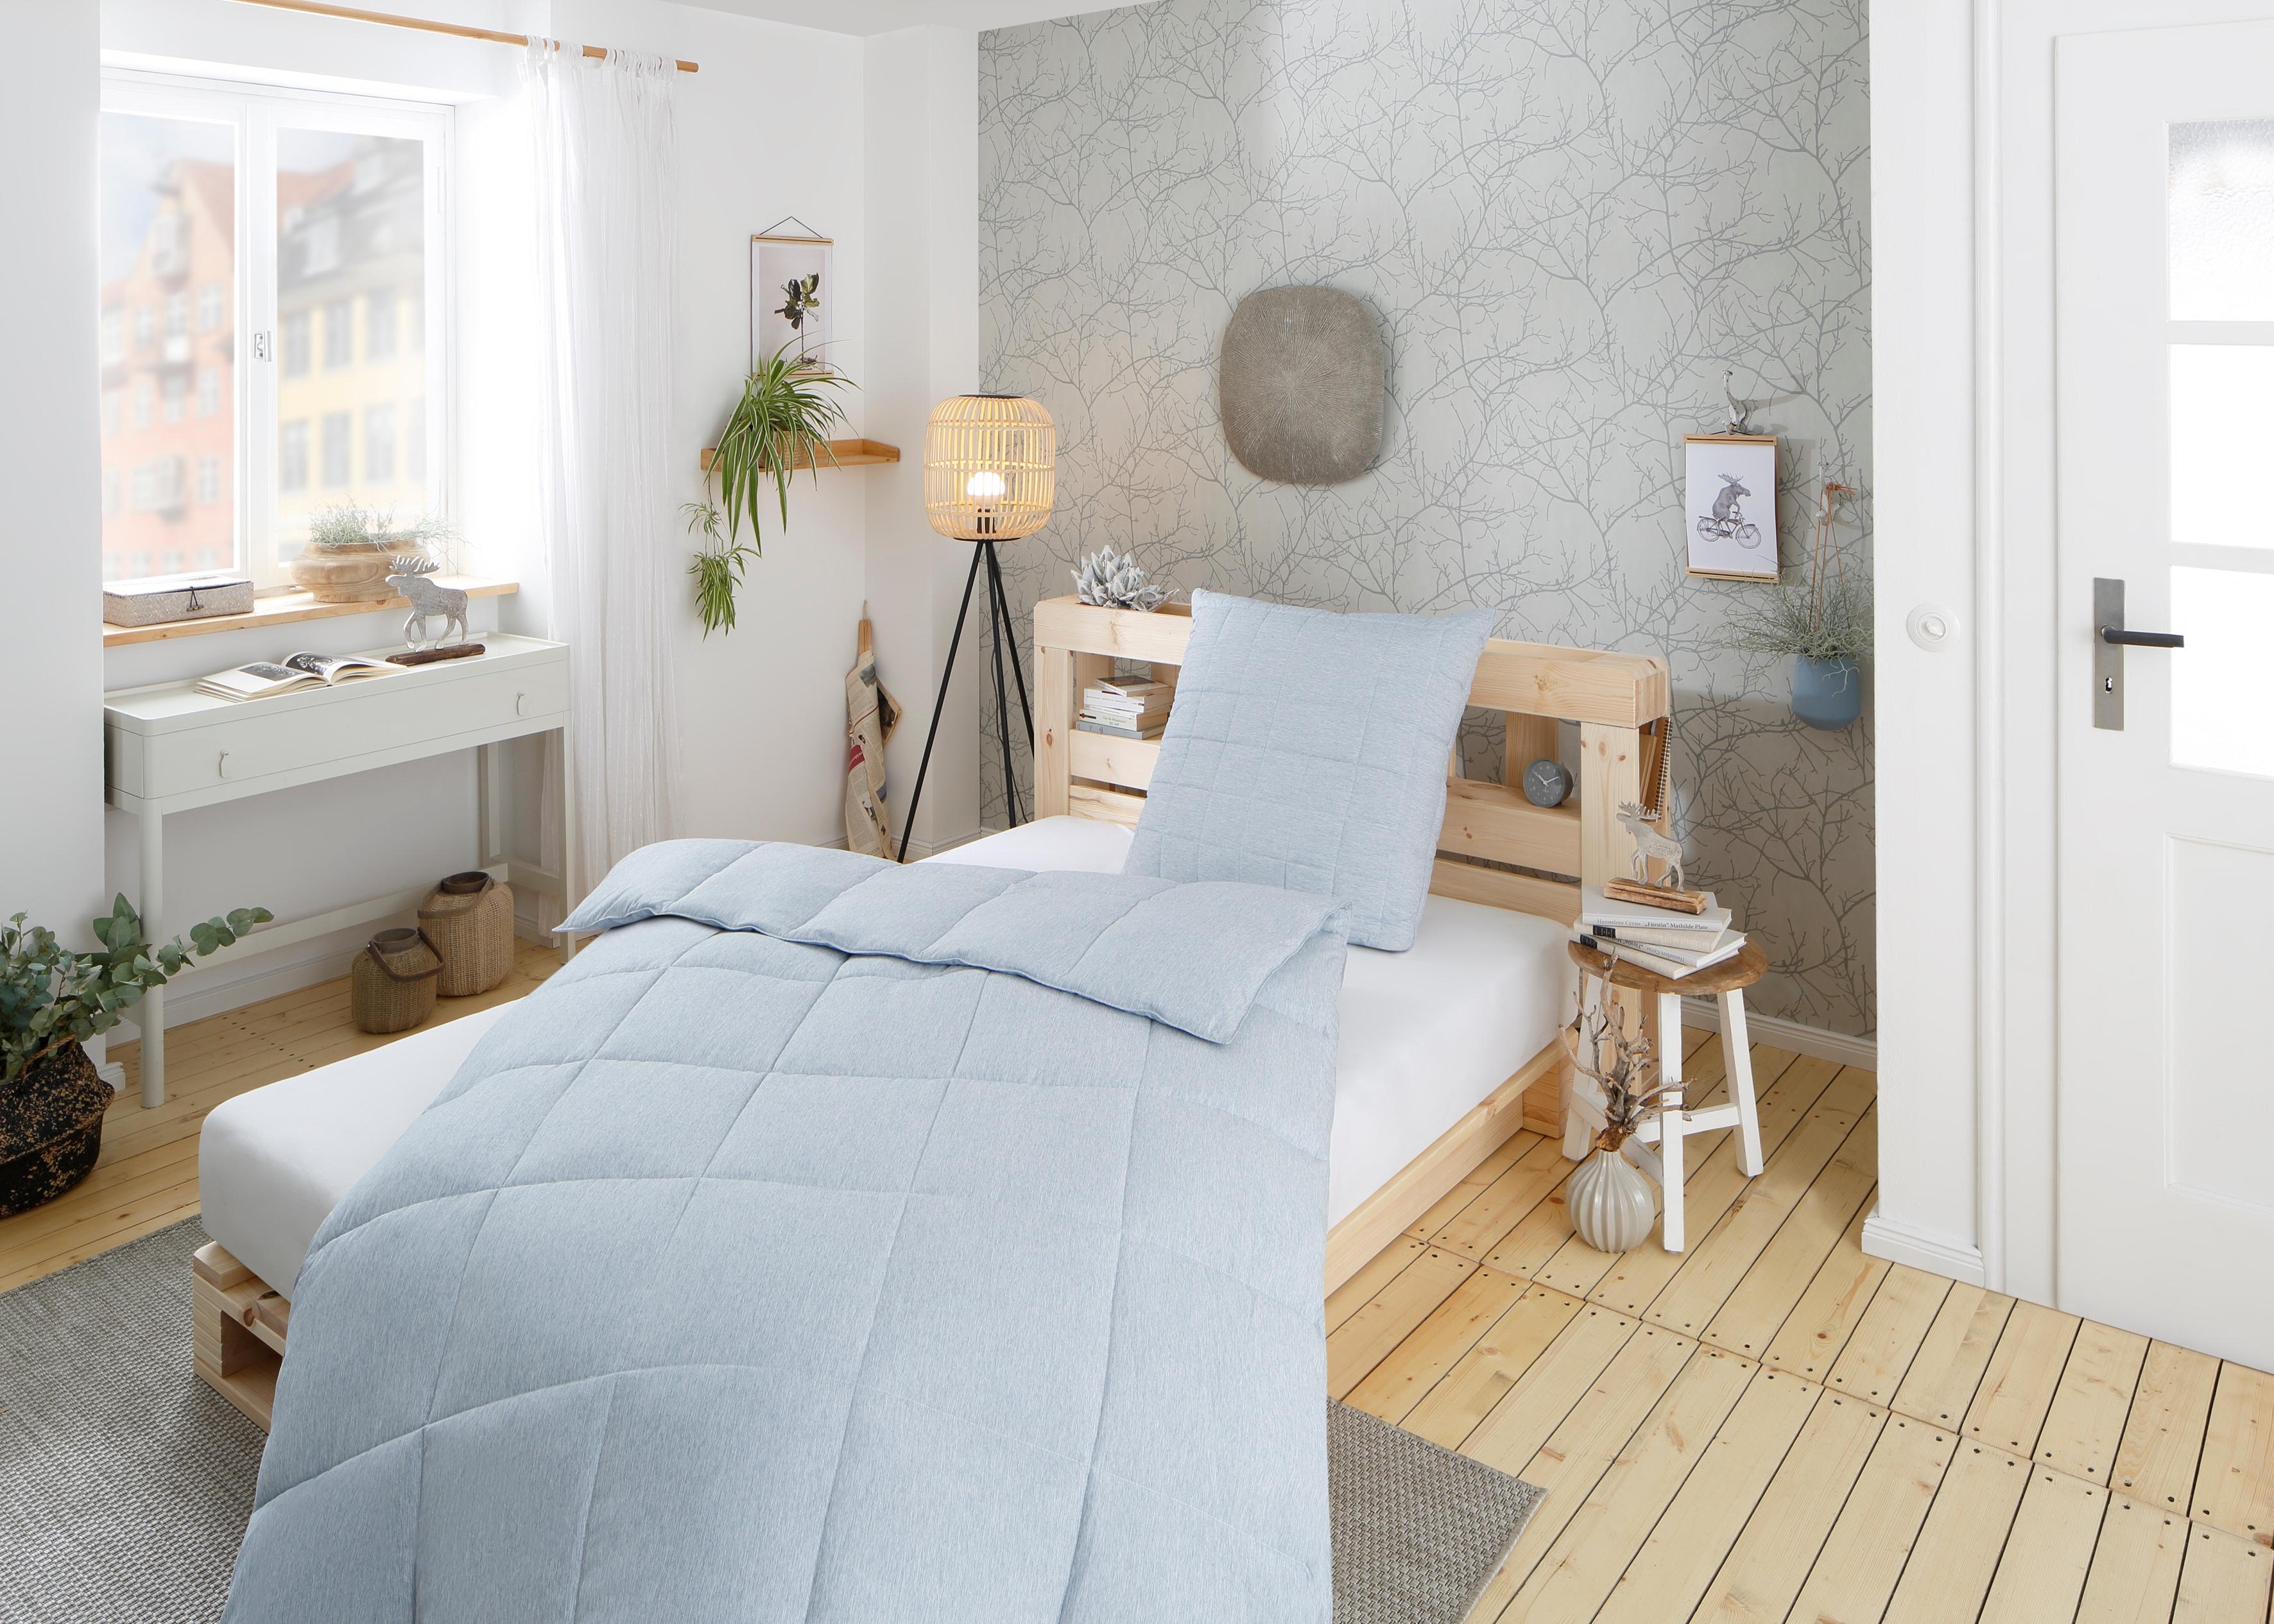 Image of Älgdröm Kunstfaserbettdecke »Norrström«, normal, (1 St.), Modernes schönes skandinavisches Design mit super Preis-/Leistungsverhältnis, erhältlich in 3 Wärmeklassen